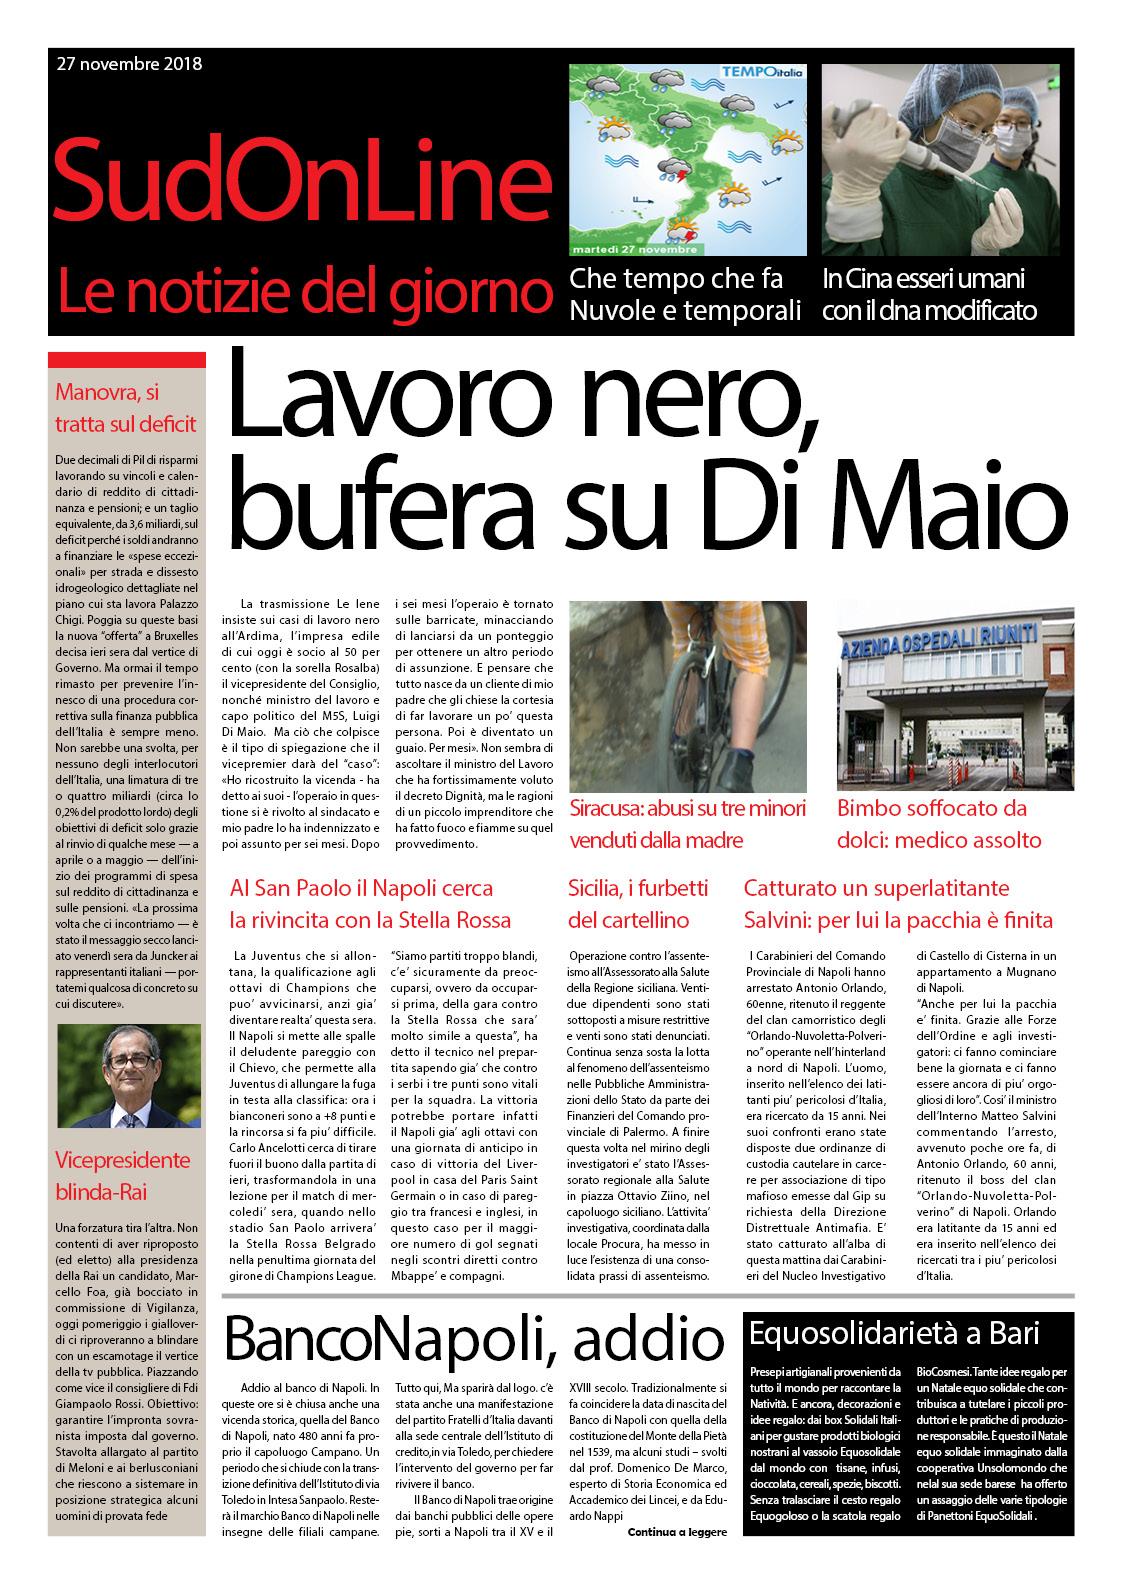 Il SudOnLine quotidiano. Bufera su di Maio per il lavoro nero, addio al Banco di Napoli, in Cina i primi esseri umani geneticamente modificati…